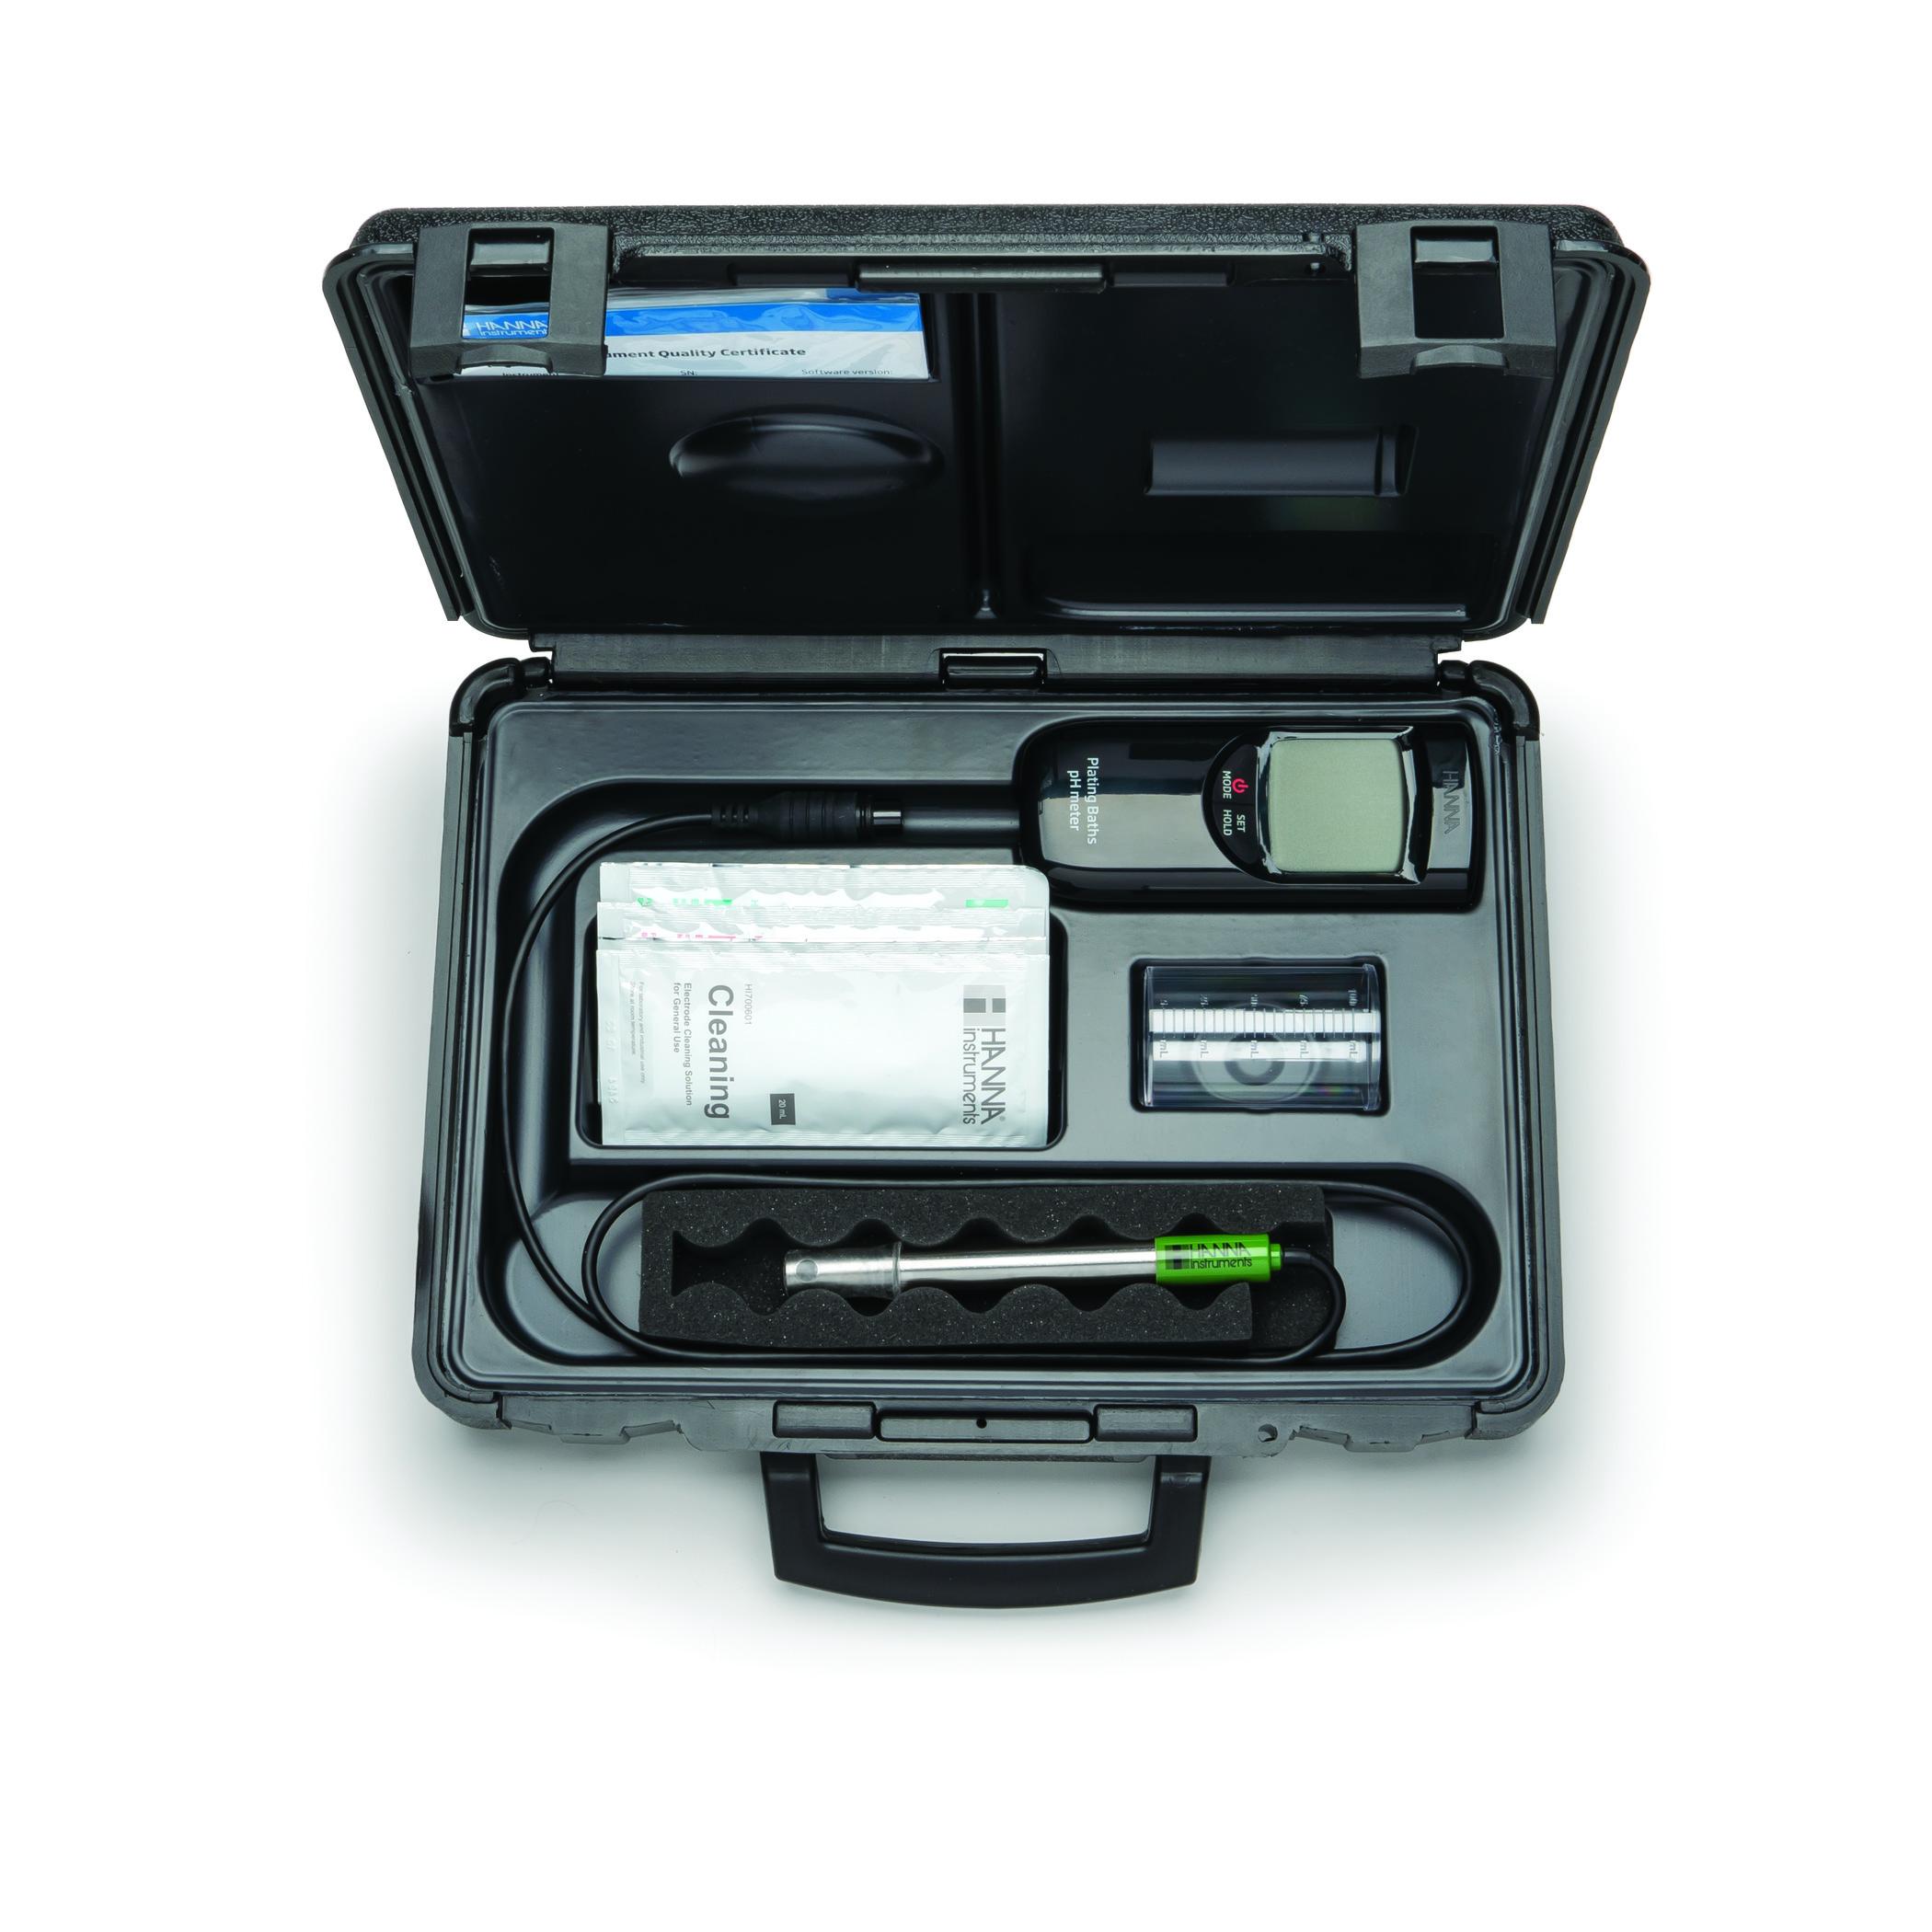 بسته محصول pH متر پرتابل بویلر HI99141